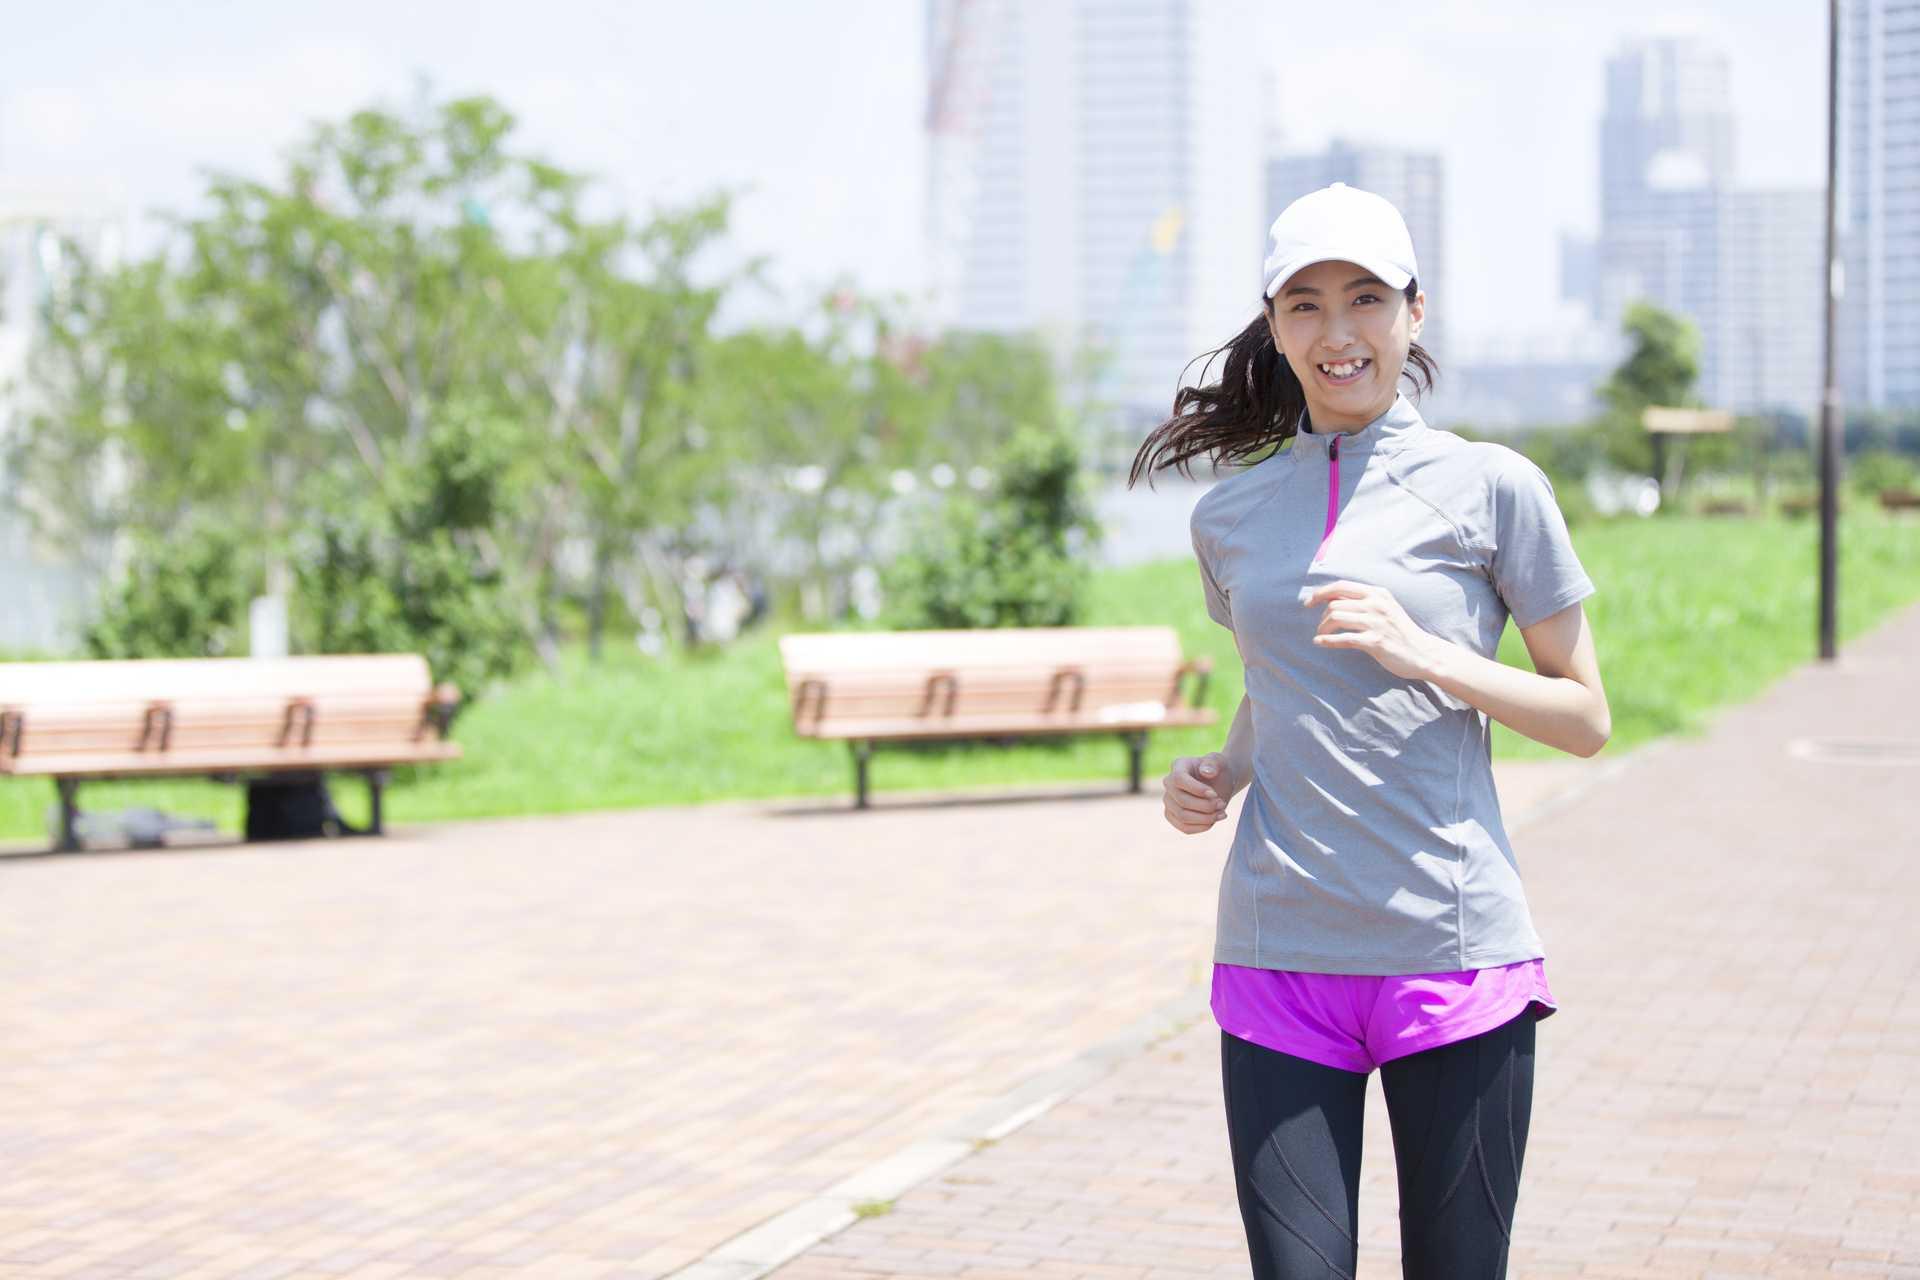 消費カロリーは「歩いた距離」は目安にならない。「歩く速さ」と「歩いた時間」をもとに考えること。 | ウォーキング・ダイエットのすすめ